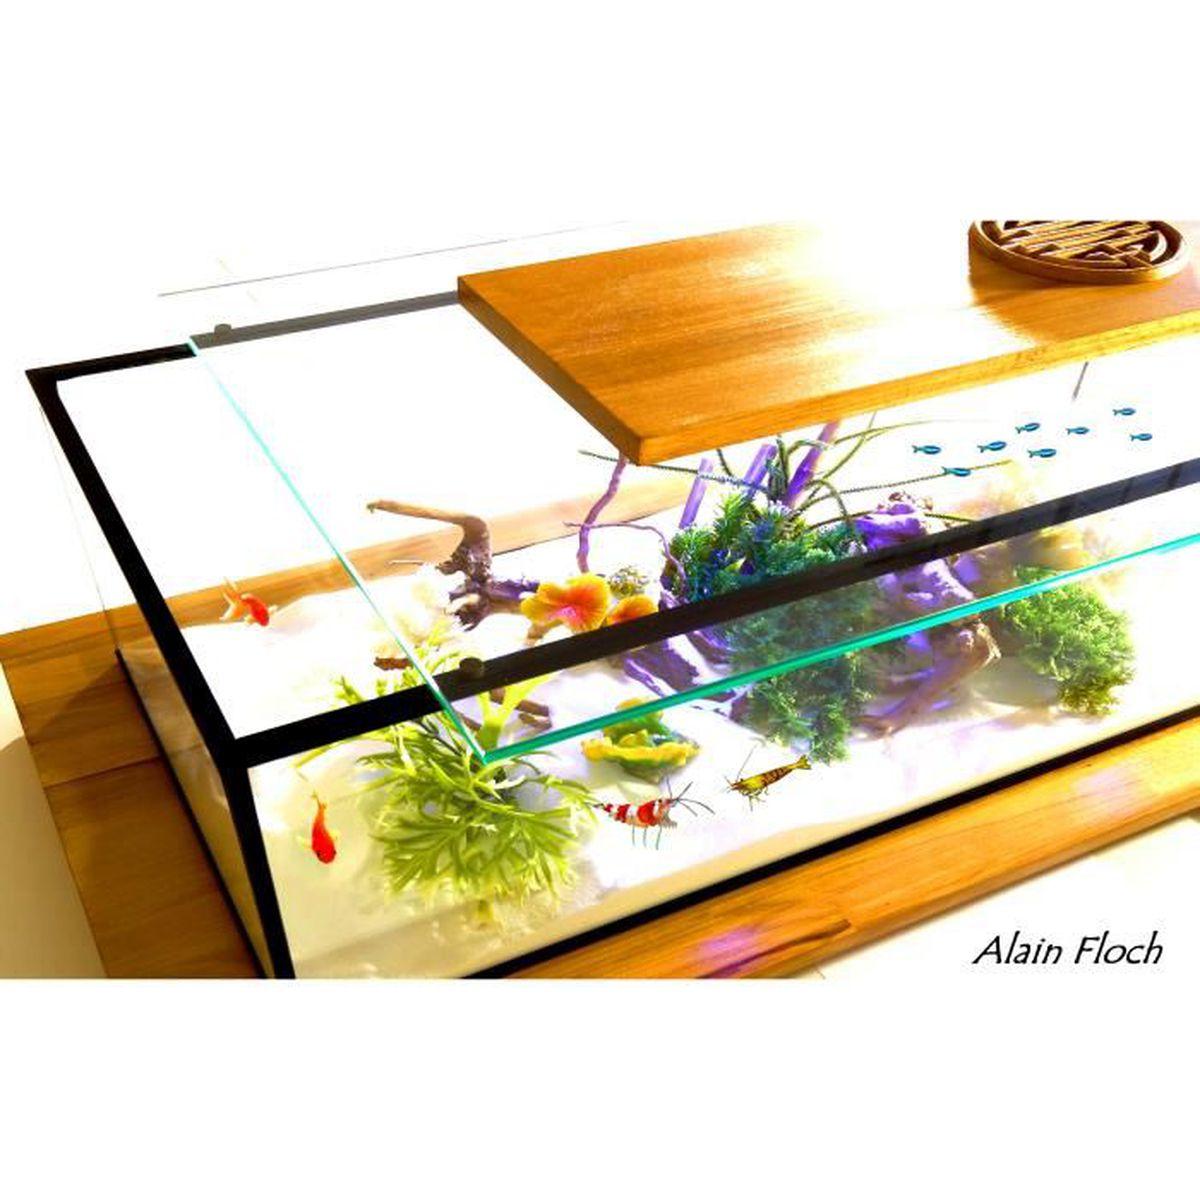 Table Basse Aquarium Terrarium Design Unique Alain Floch Entretien Facile Sans Fil 20 Led Telecommande Achat Vente Table Basse Table Basse Aquarium Terrar Soldes Sur Cdiscount Des Le 20 Janvier Cdiscount